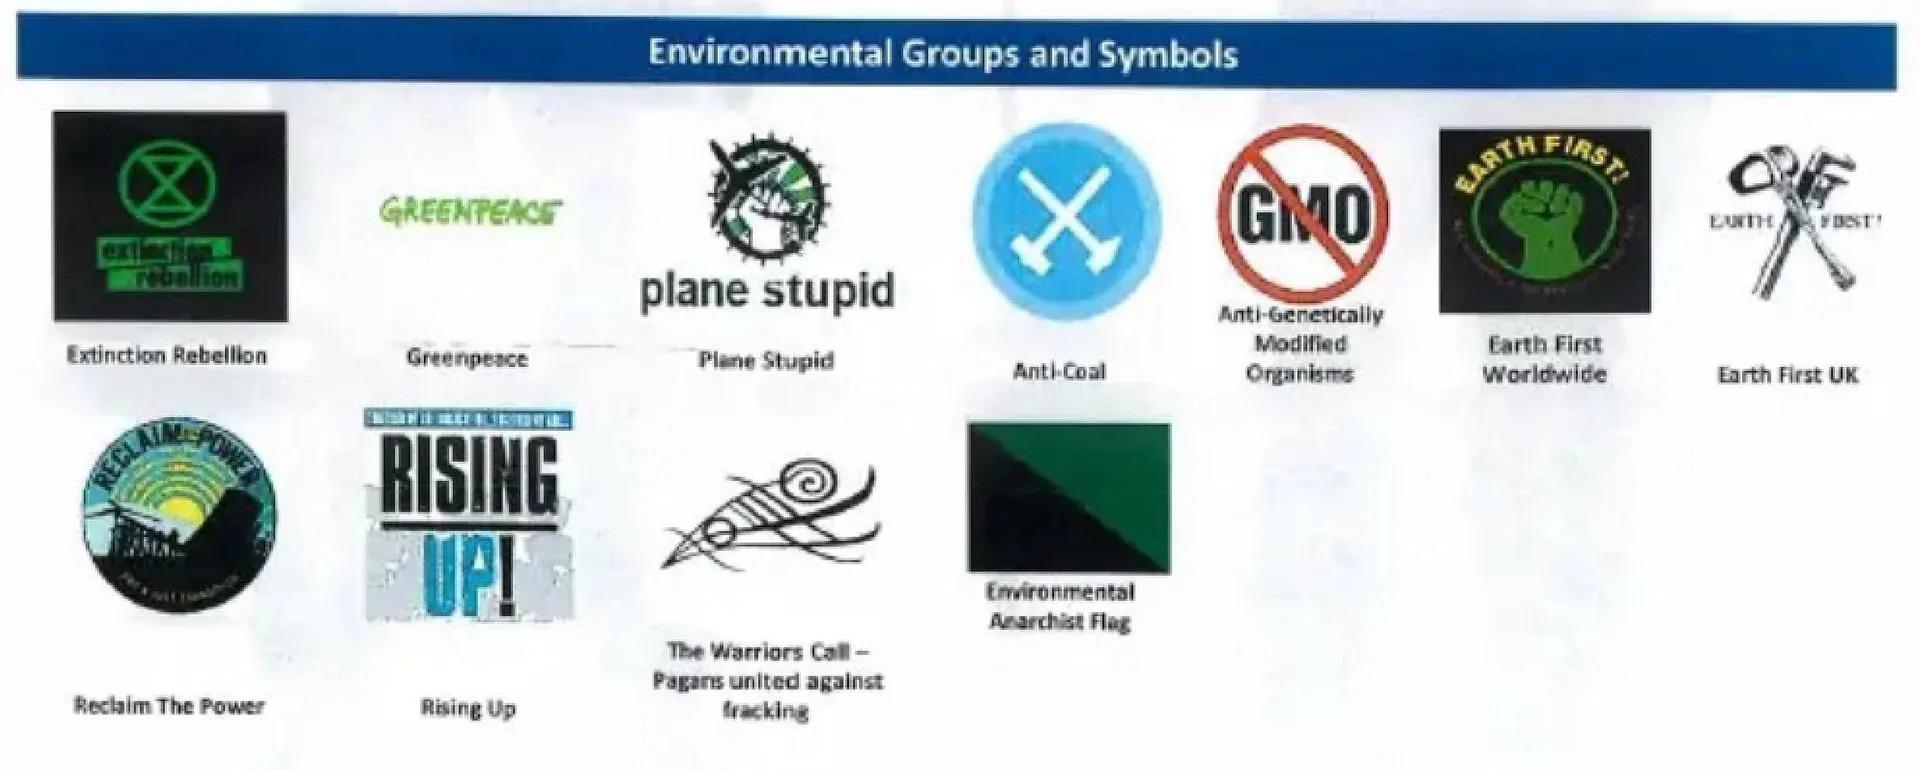 greenpeace_terroryzm_02